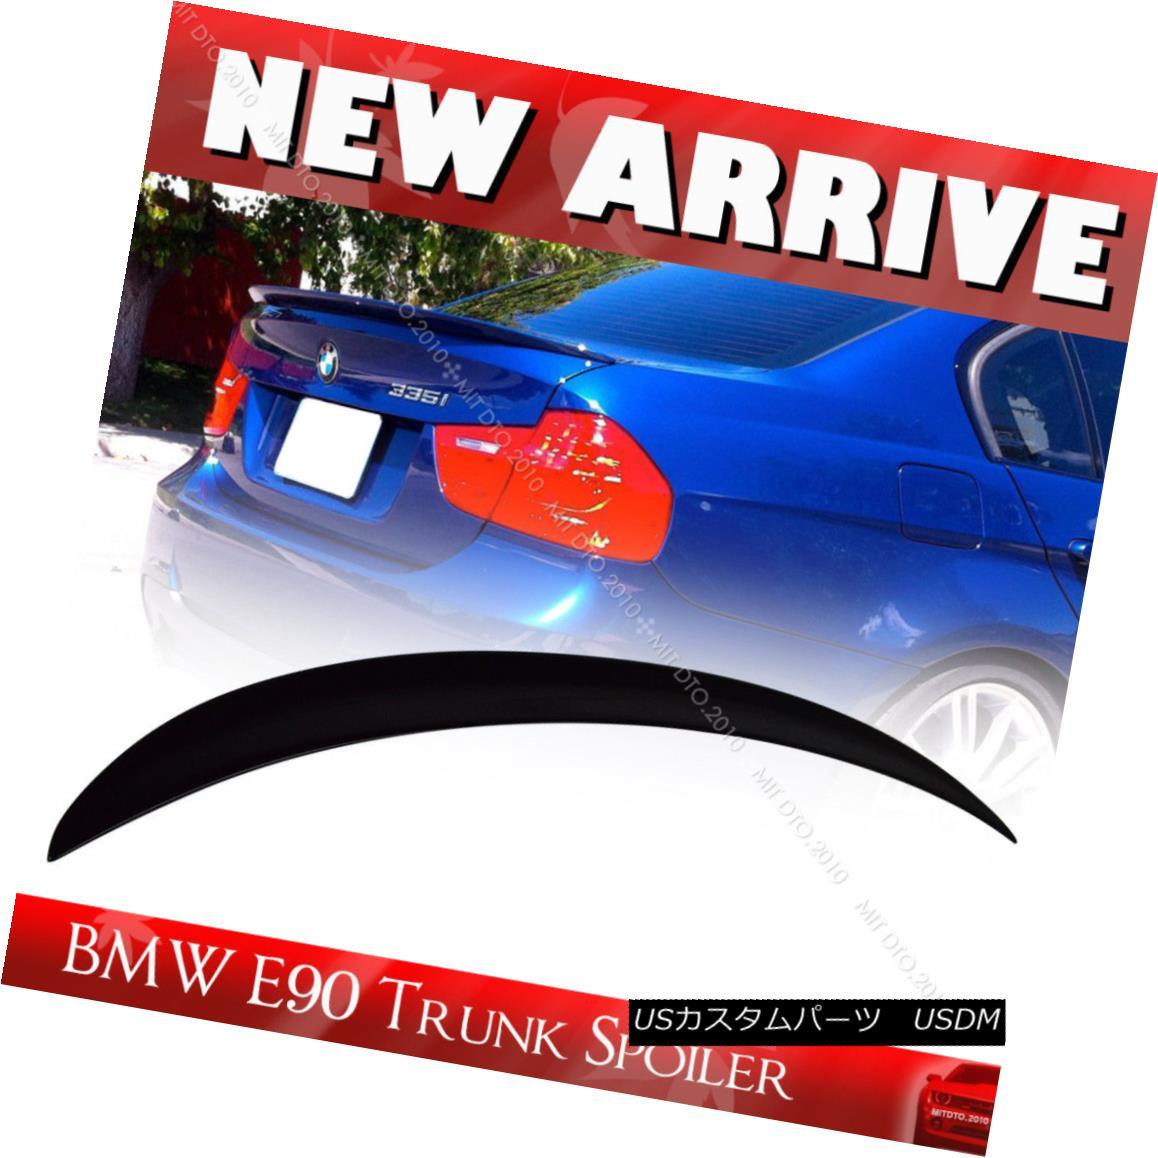 エアロパーツ 2006+ Paint Color E90 BMW 3-Series Performance P-TYPE 4DR Trunk Spoiler #668 2006+ペイントカラーE90 BMW 3シリーズパフォーマンスP-TYPE 4DRトランク・スポイラー#668